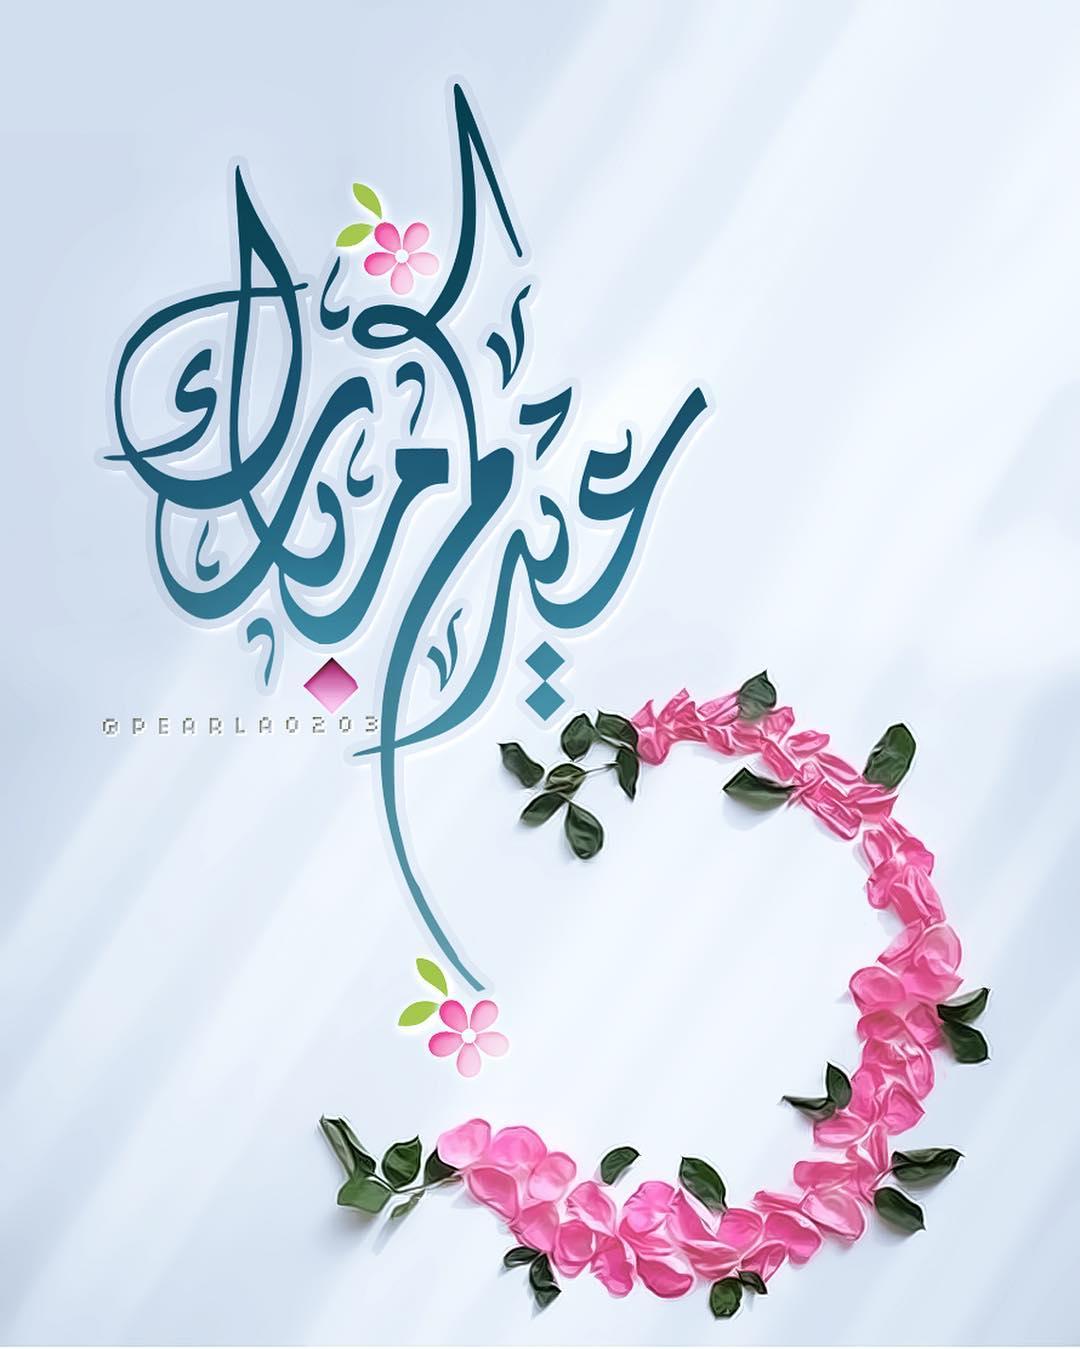 بالصور صور تهنئه للعيد , اجمل الصور المبهجه للعيد 2937 9